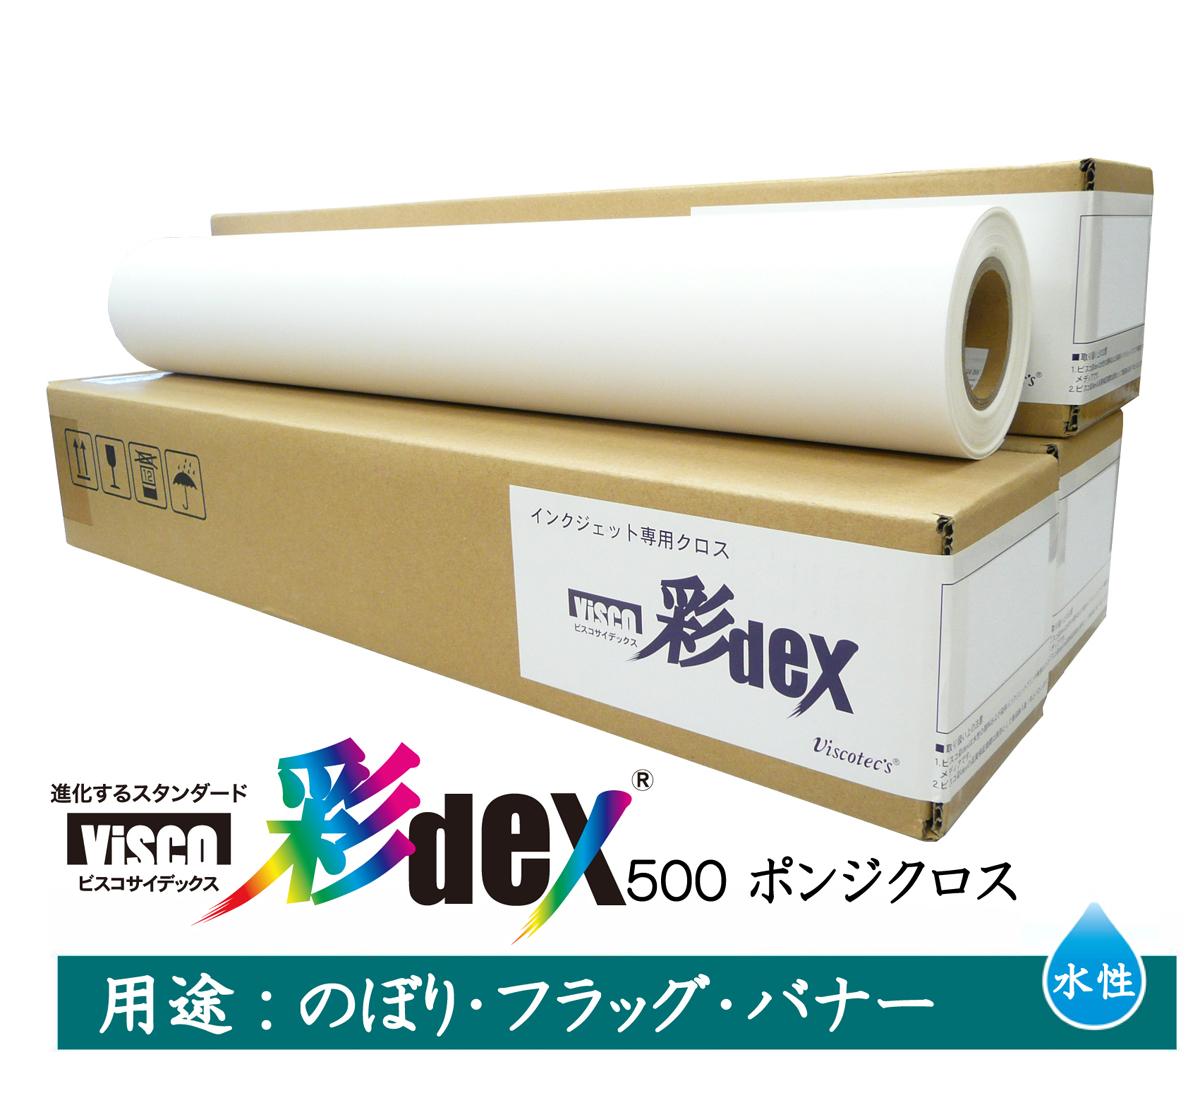 セーレン 水性クロスメディア 彩DEXシリーズ ポンジクロス 1067mm×30m 2インチ 彩dex500 [ HS021A/500-1067 ]